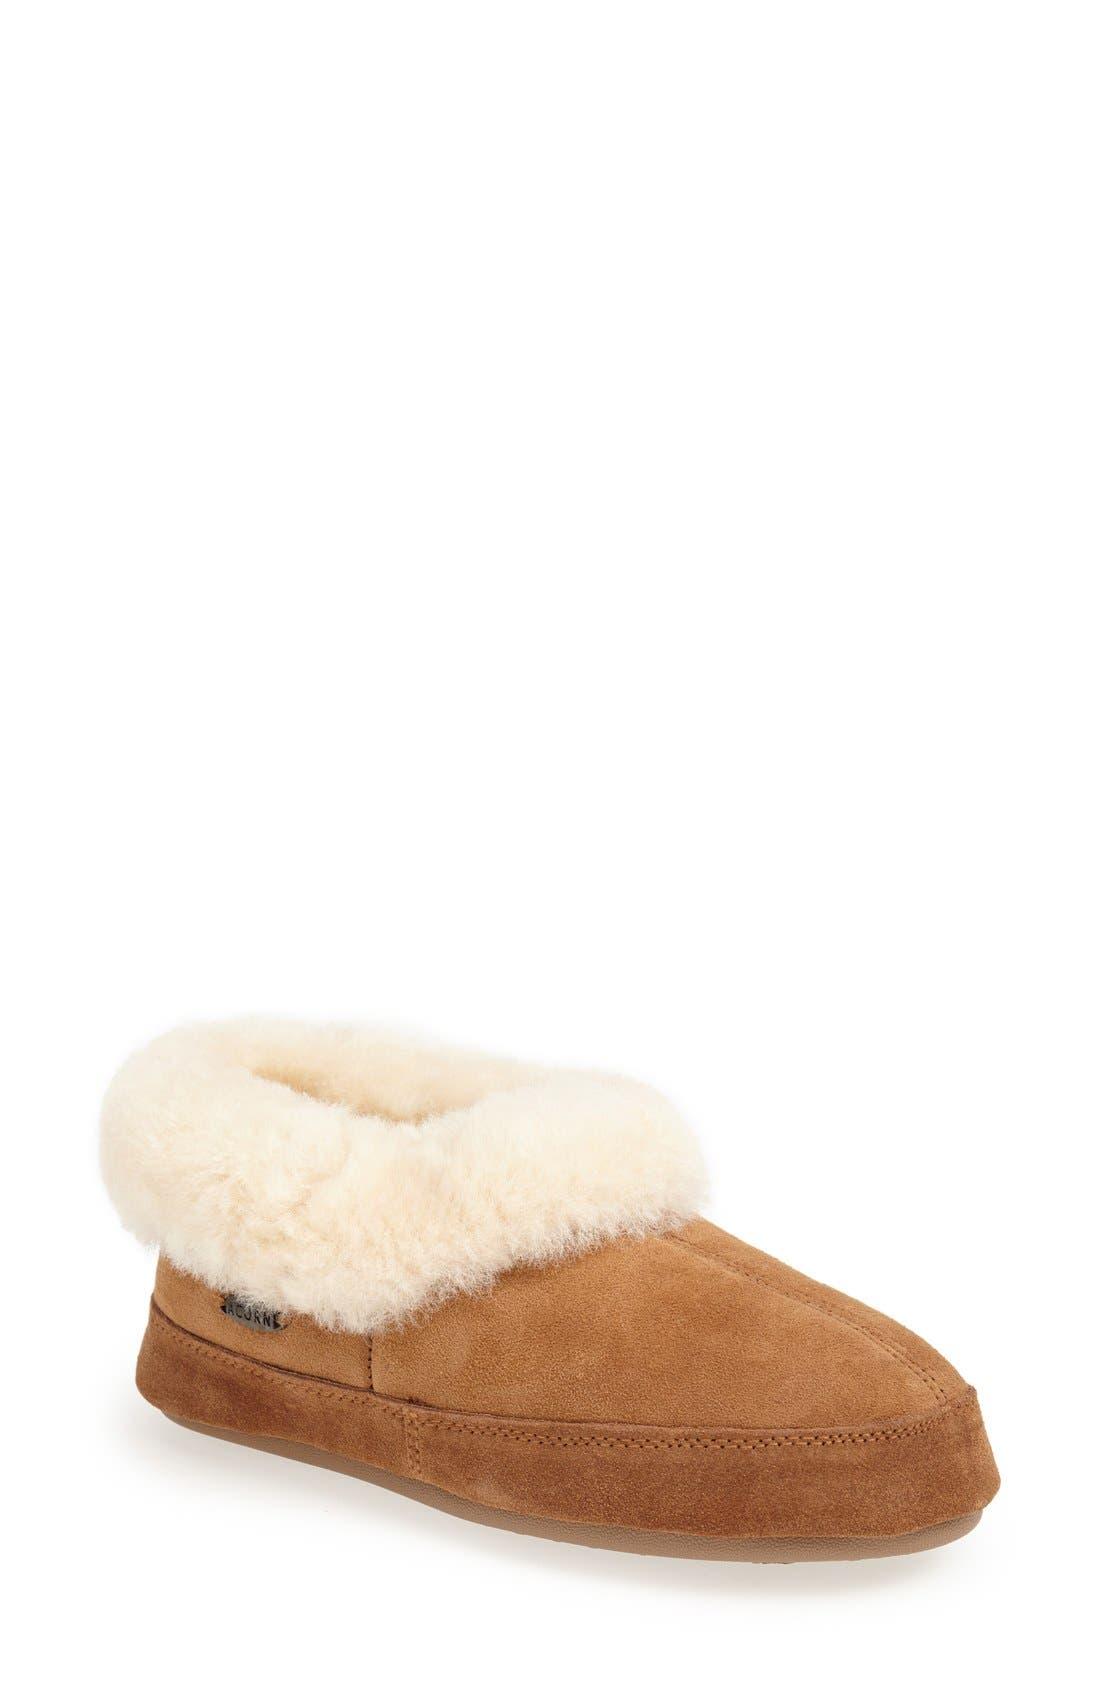 ACORN 'Oh Ewe Ii' Genuine Sheepskin Slipper, Walnut